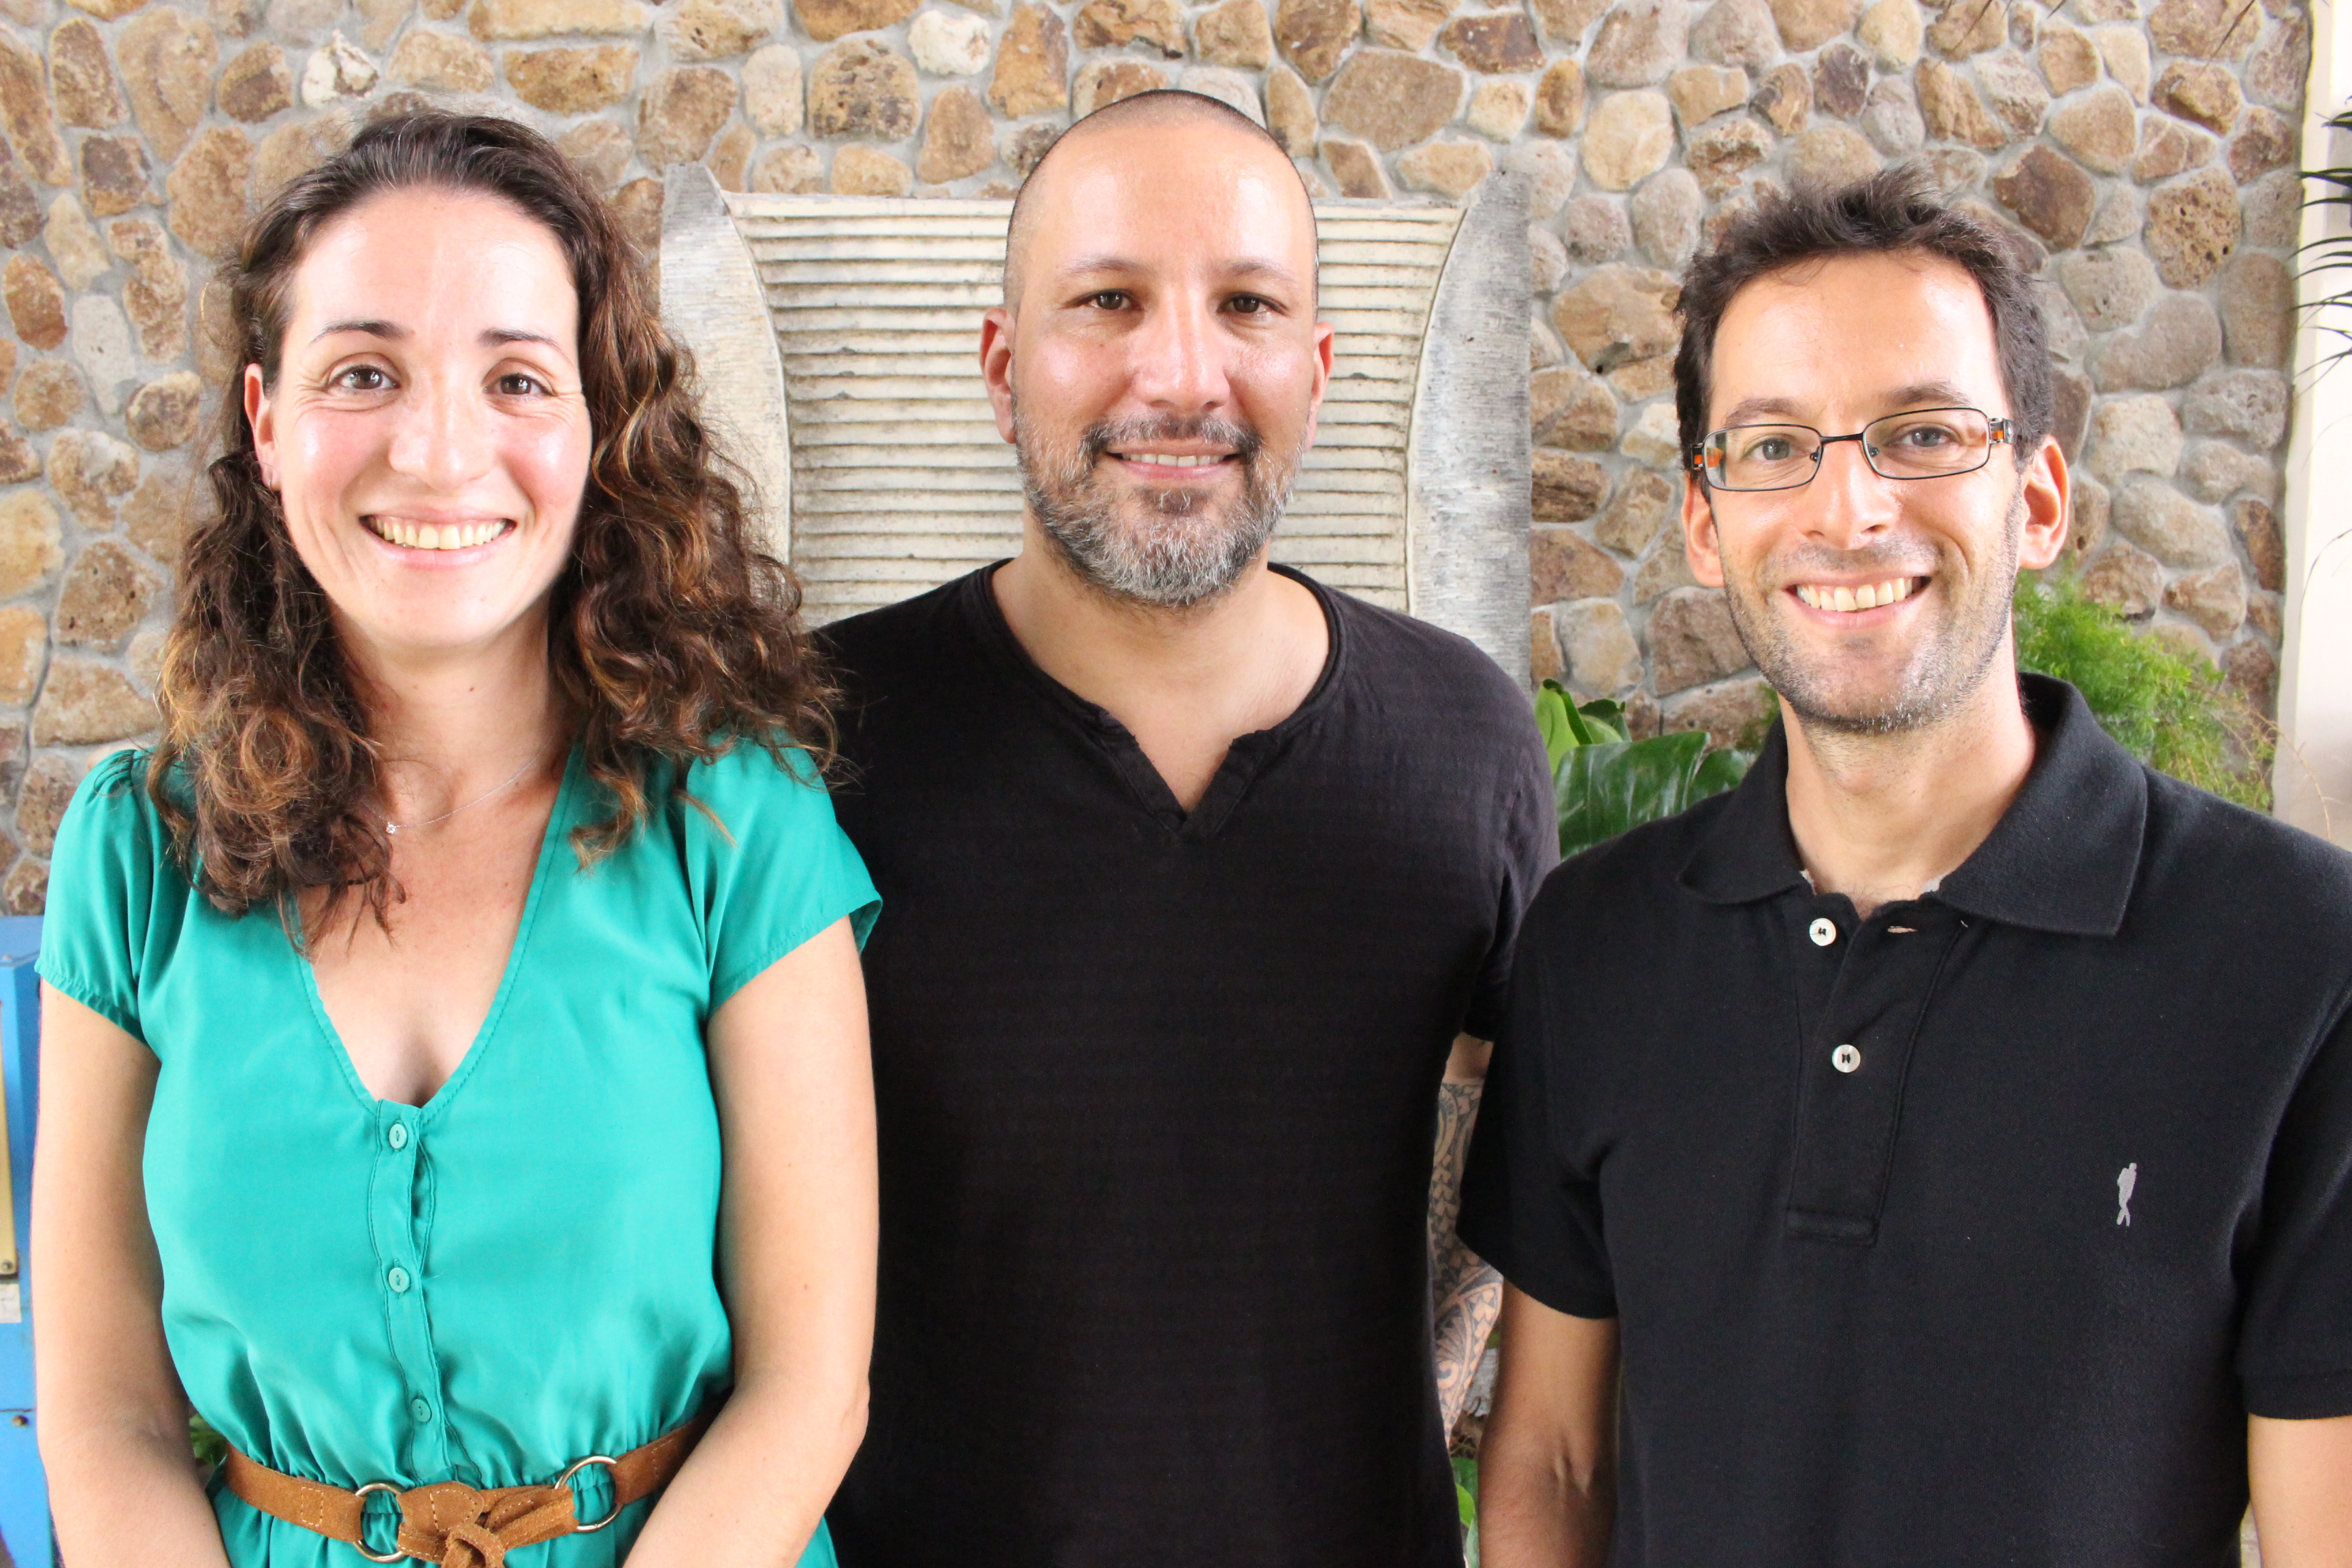 Sabrina et Guillaume Bessaa qui lancent la plateforme de crowdfunding locale Hotu Pacifique et Emmanuel Schneider, consultant en webmarketing.